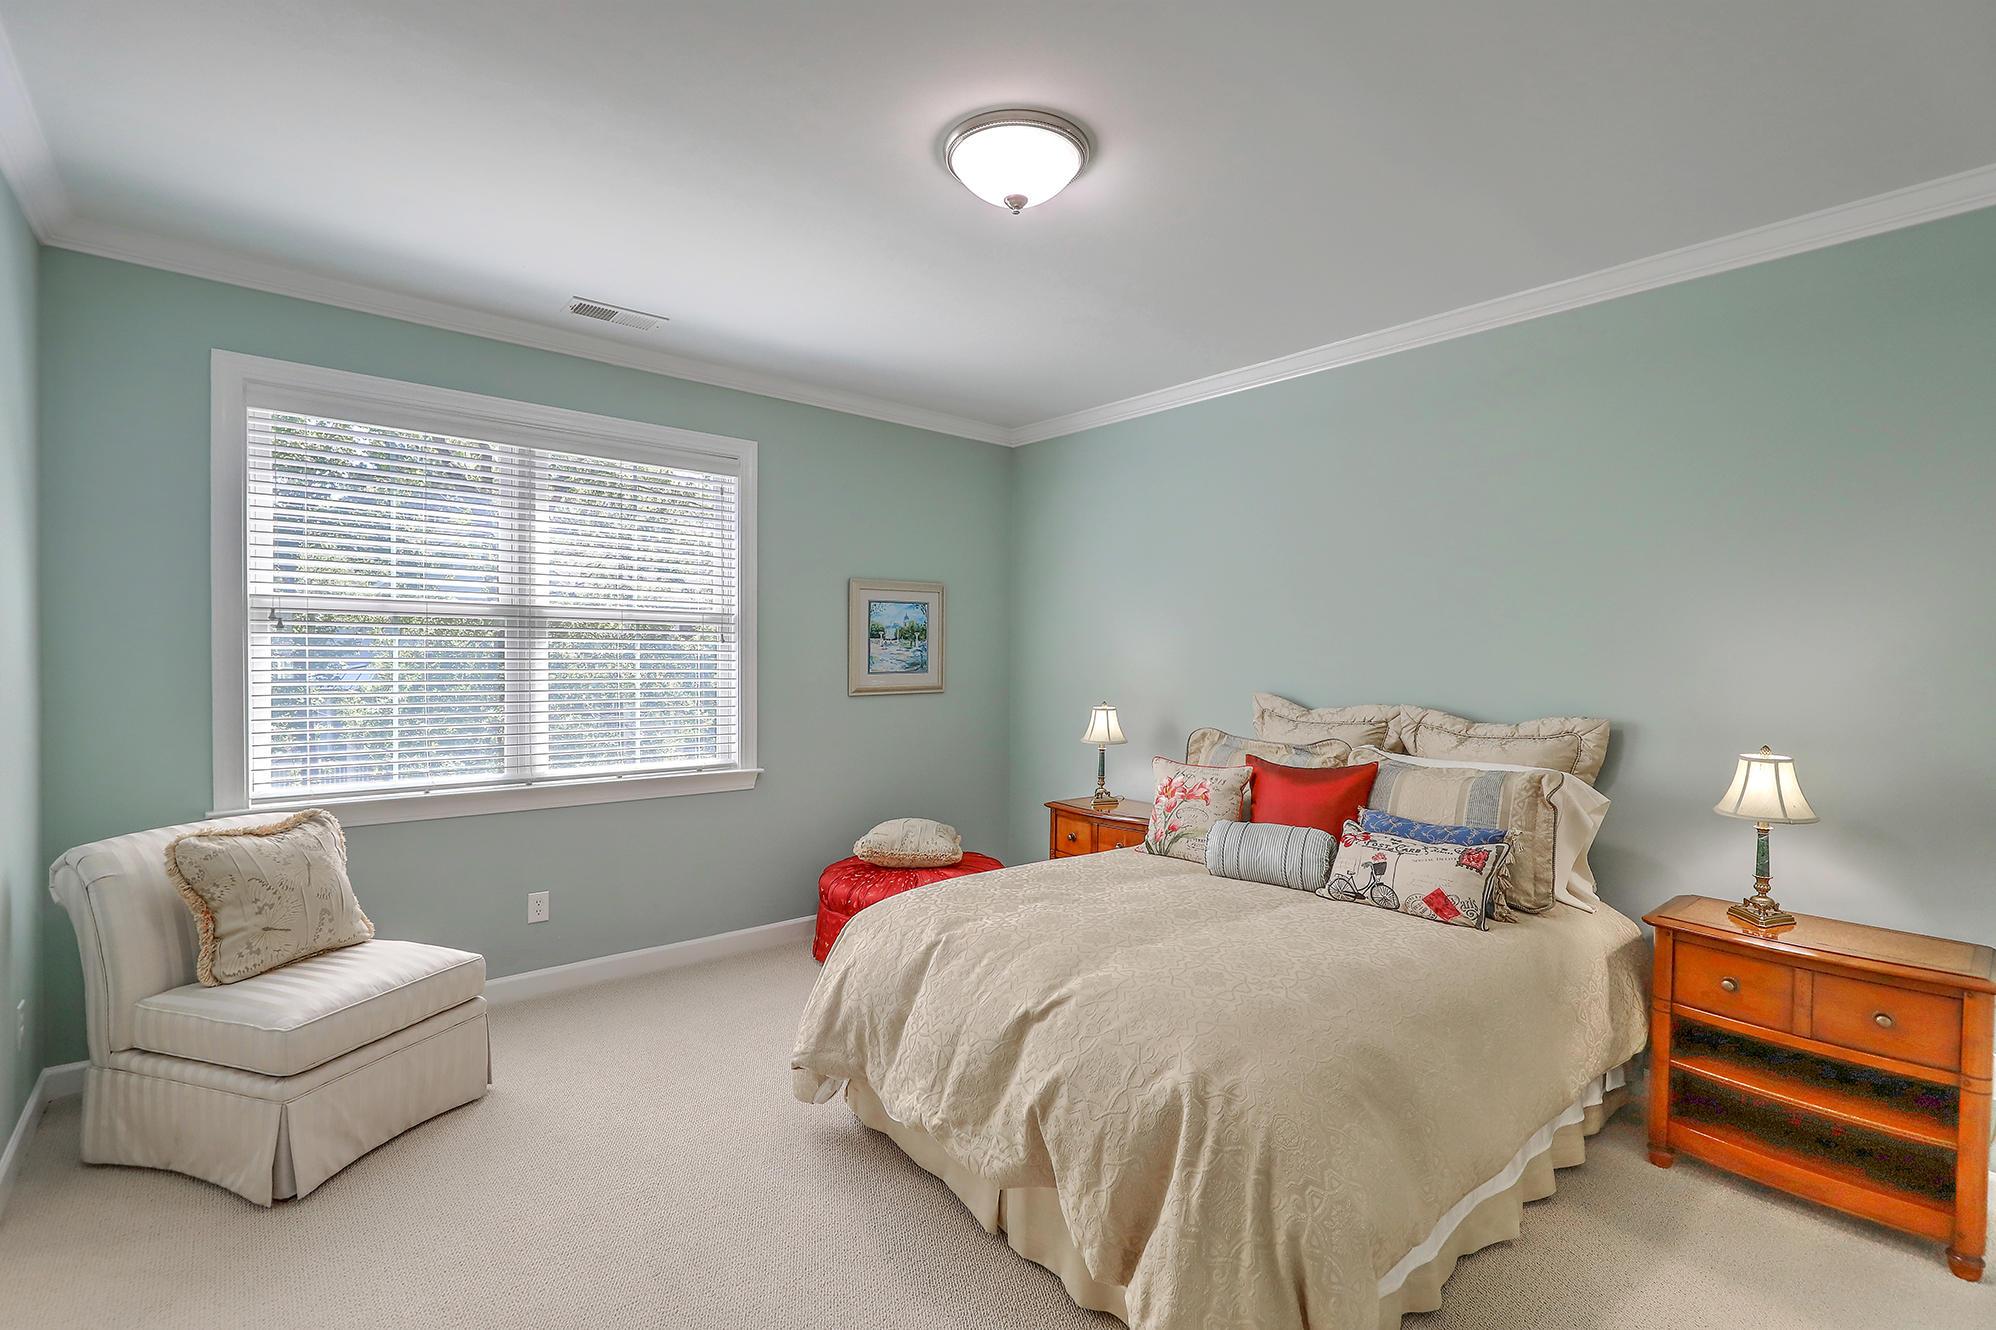 Park West Homes For Sale - 2108 Malcolm, Mount Pleasant, SC - 49